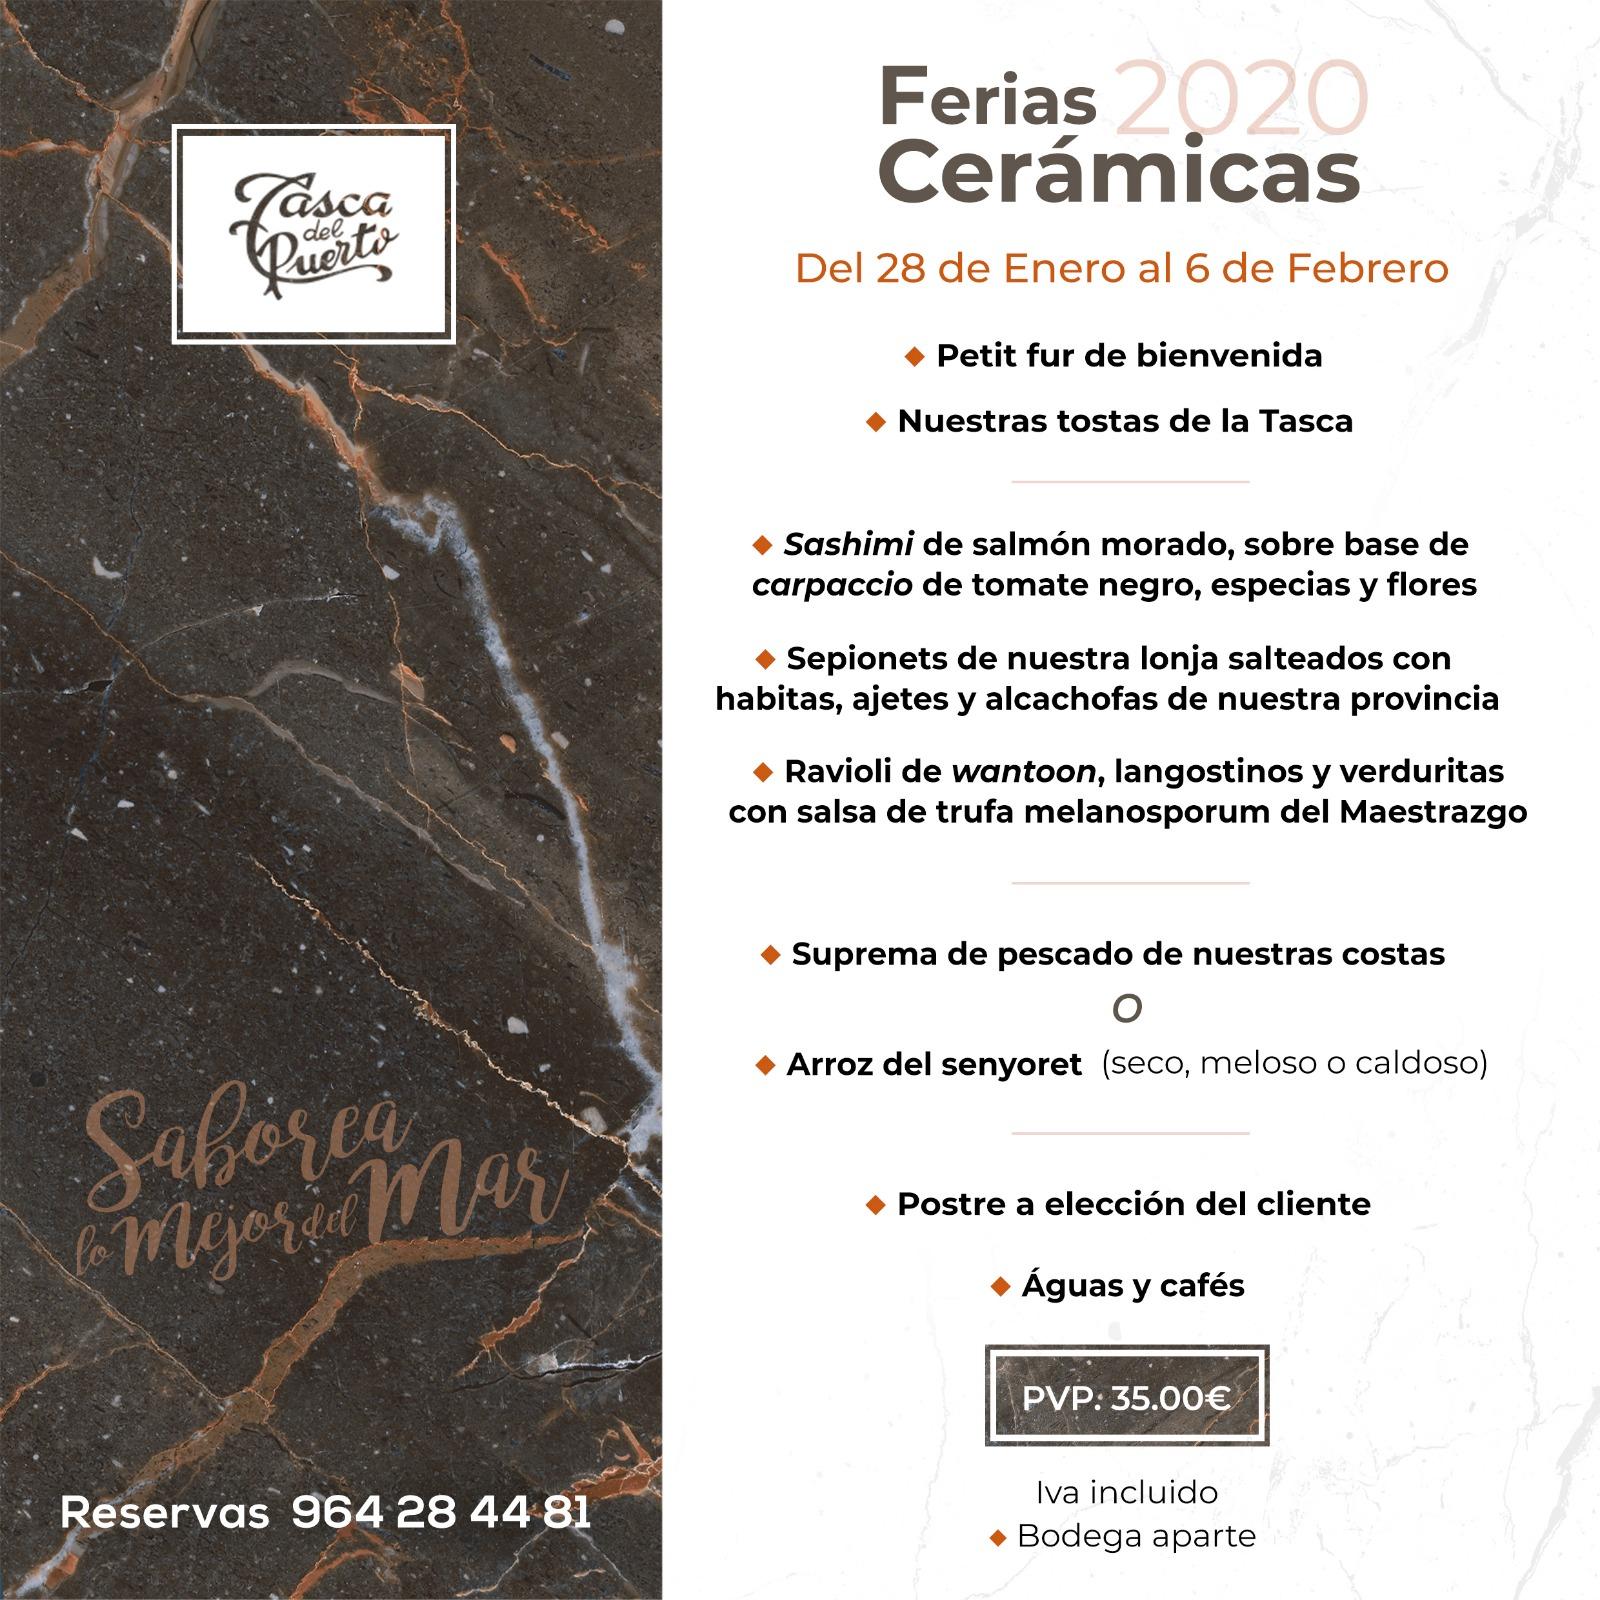 menu ferias ceramicas 2020